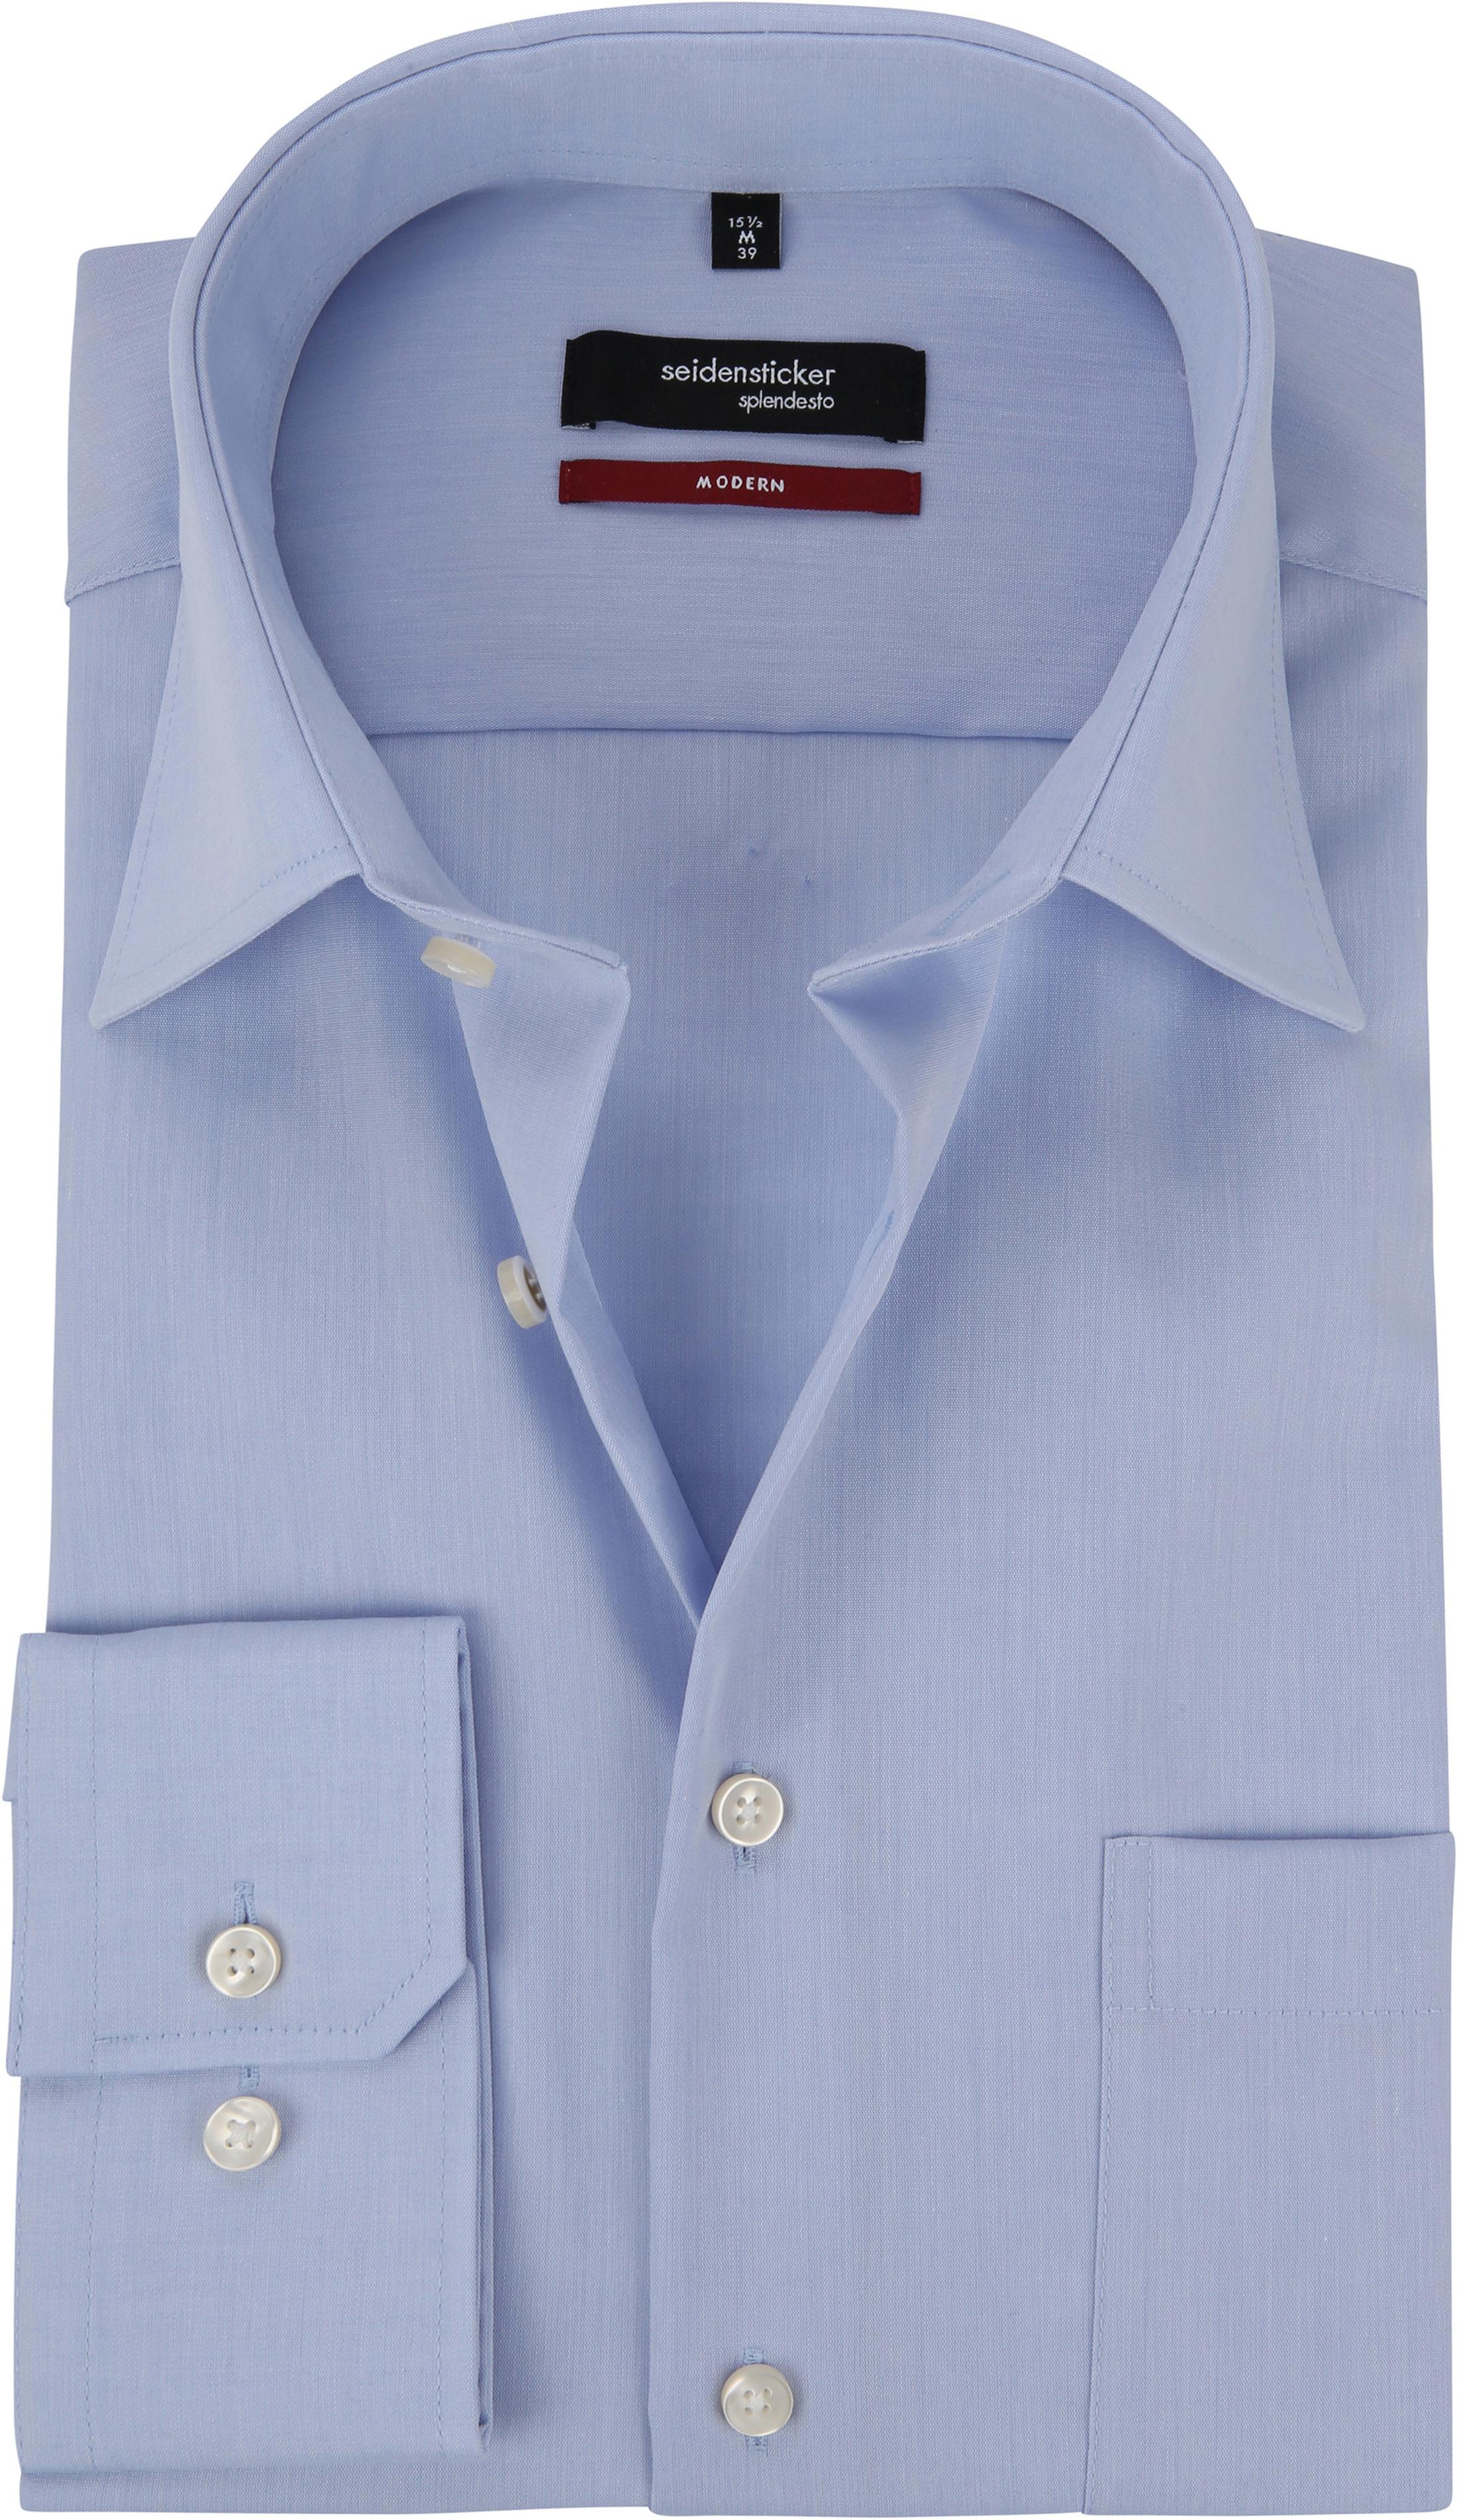 Seidensticker Hemd Bügelfrei Modern Light Blue foto 0